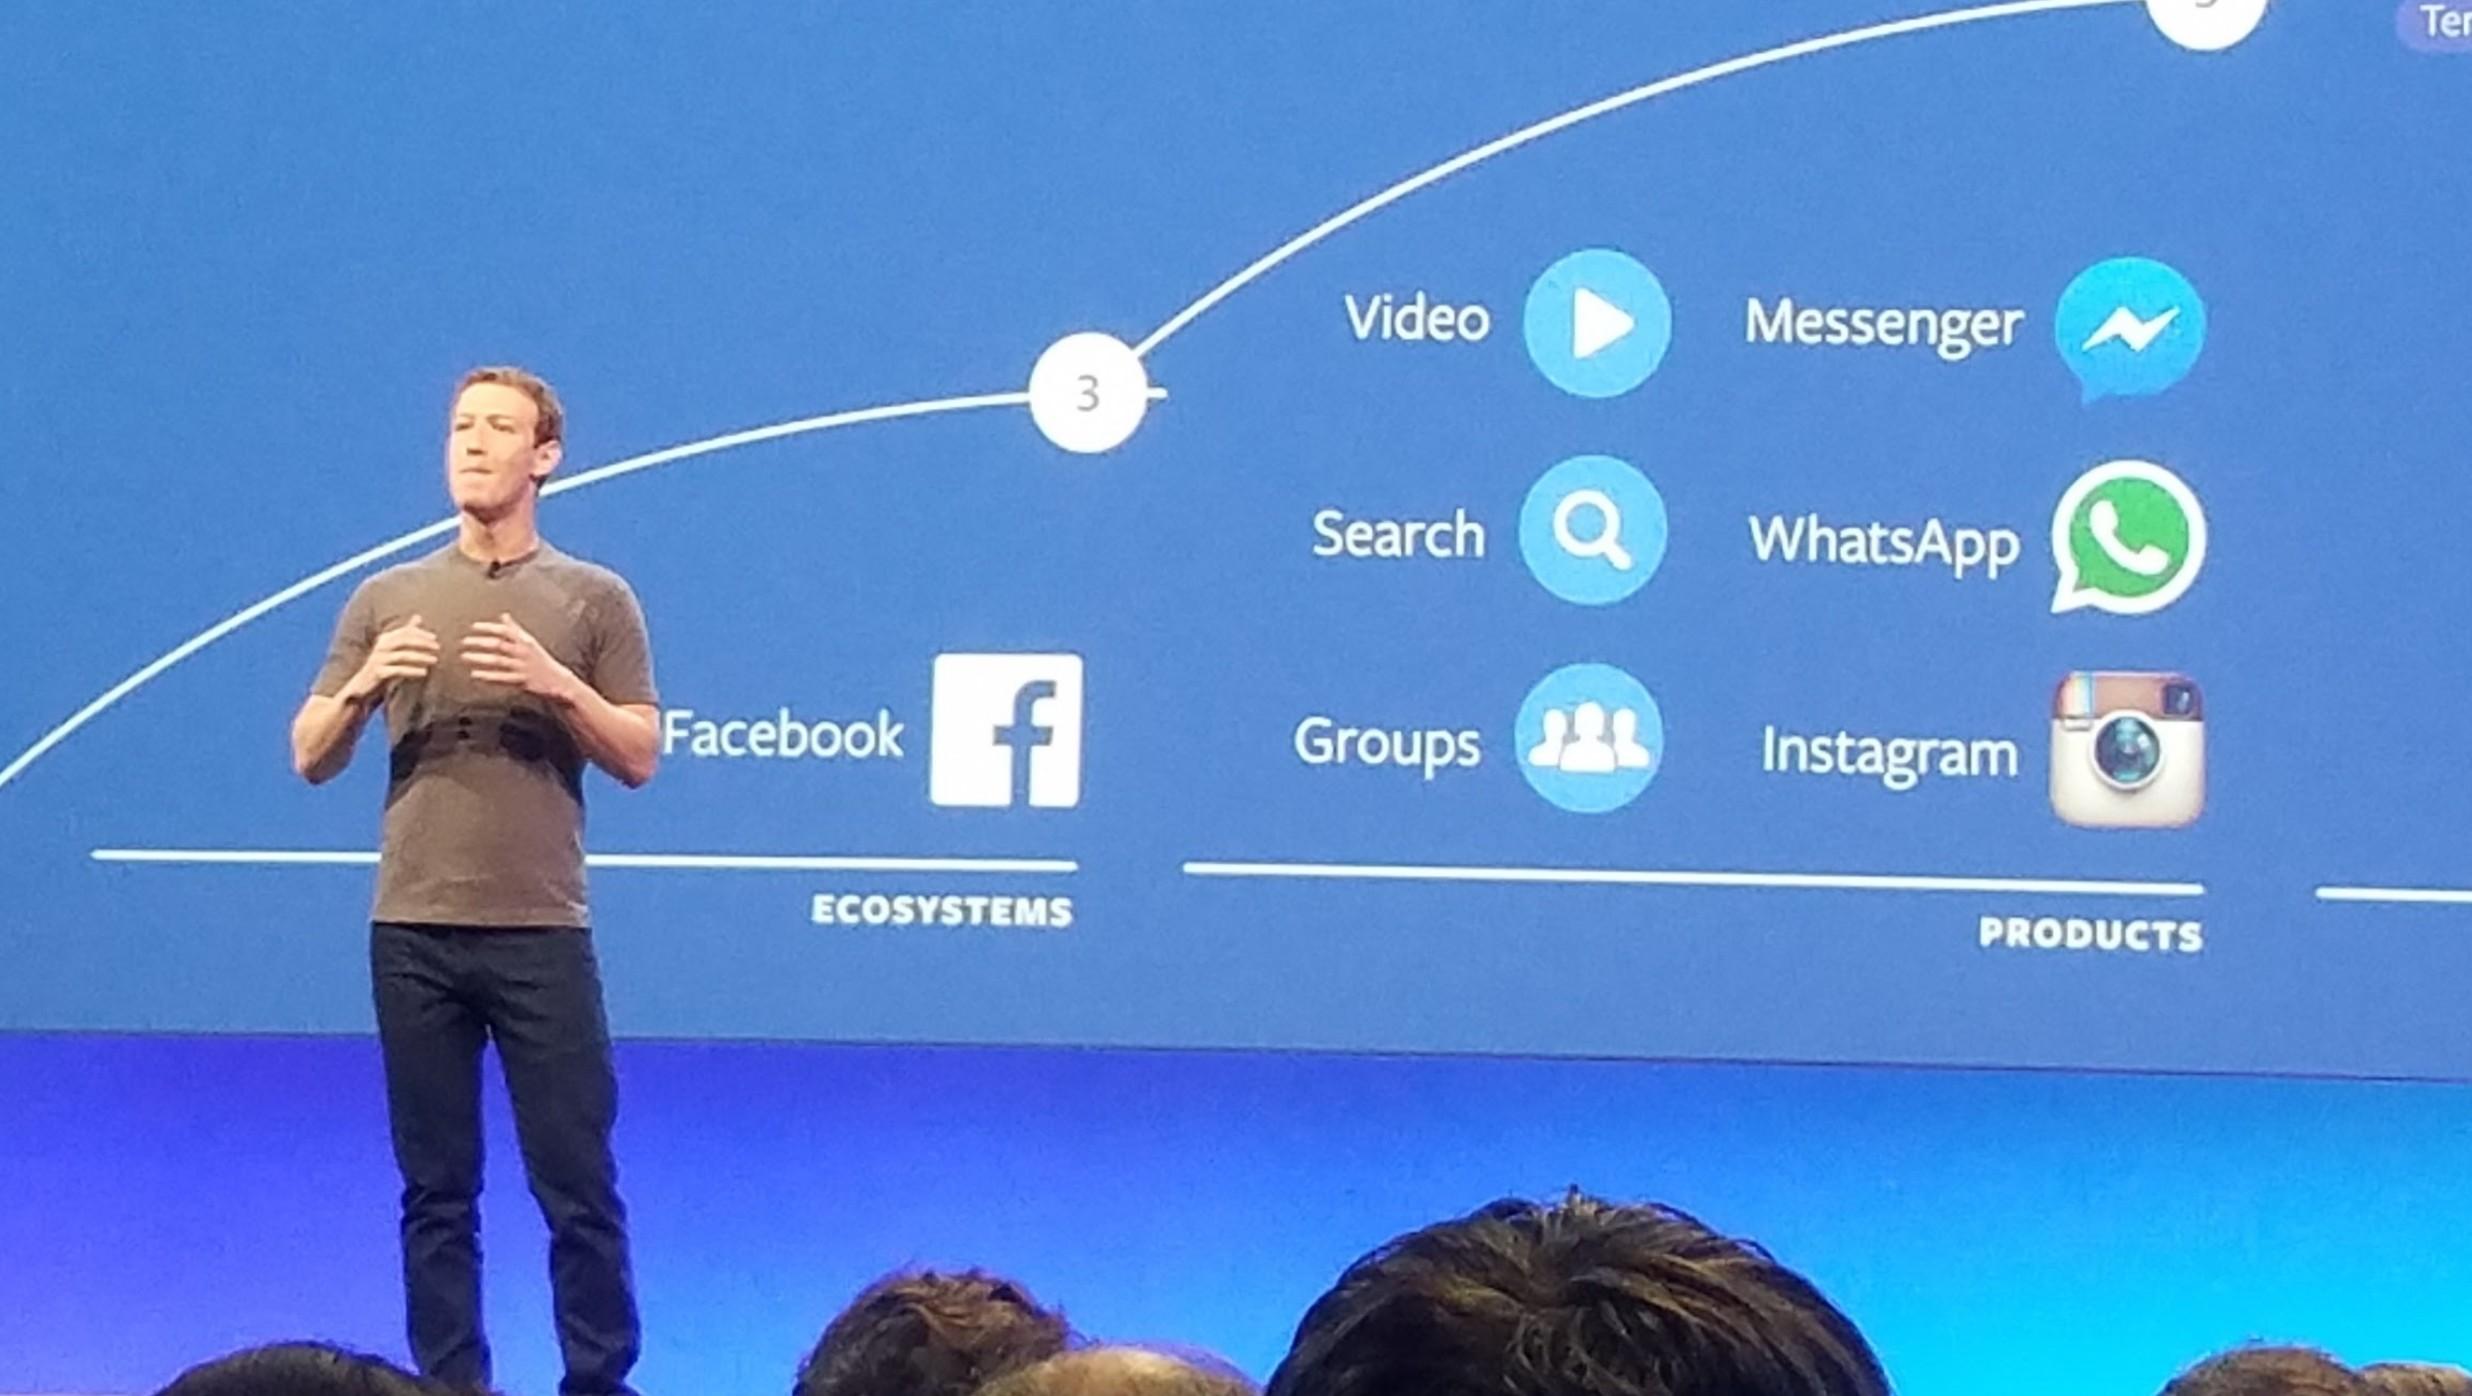 Facebook kan komme til å lansere en frittstående bilde-app for å ta opp konkurransen med Snapchat. Appen er trolig mange måneder unna lansering.